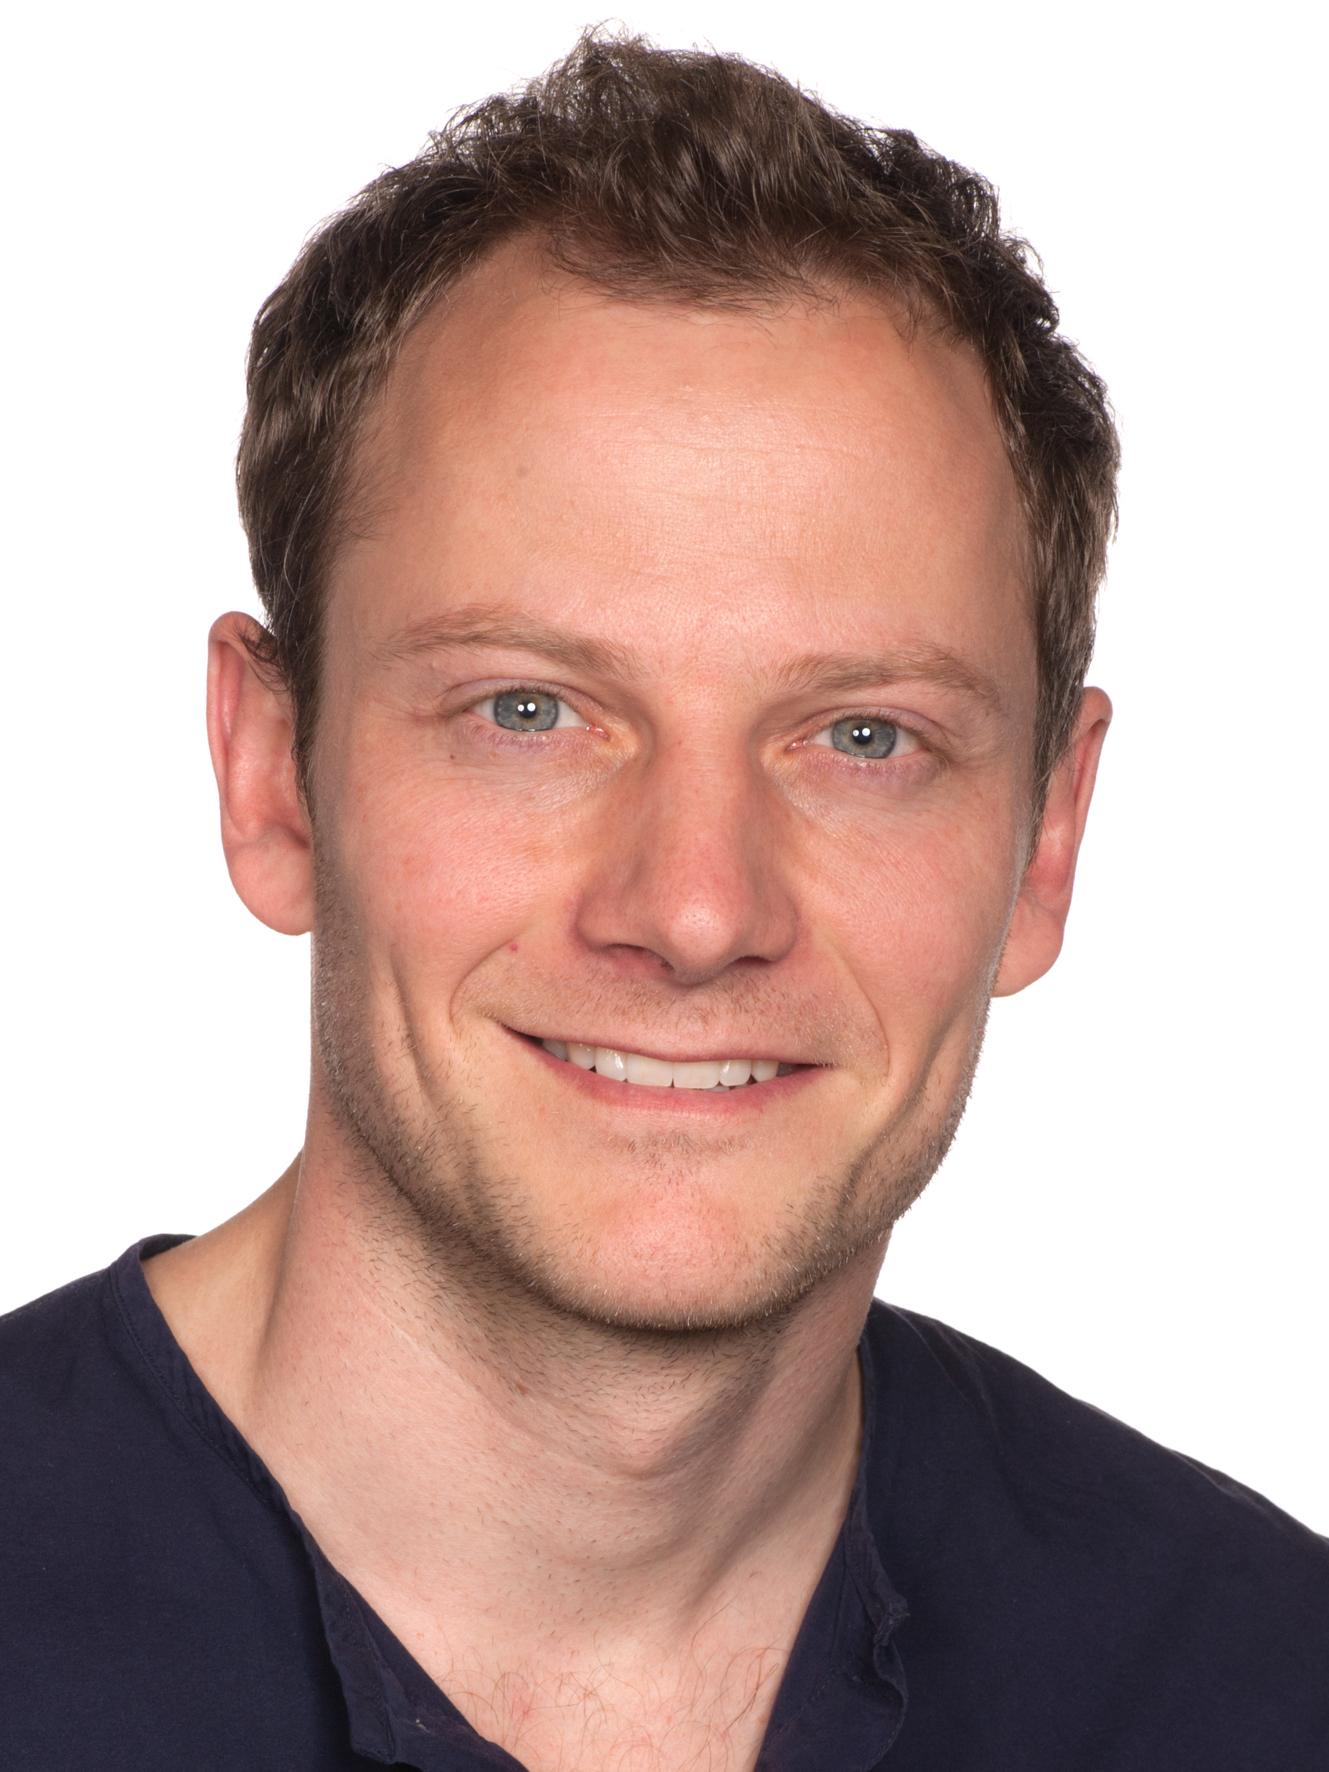 Simon Tilma Vistisen